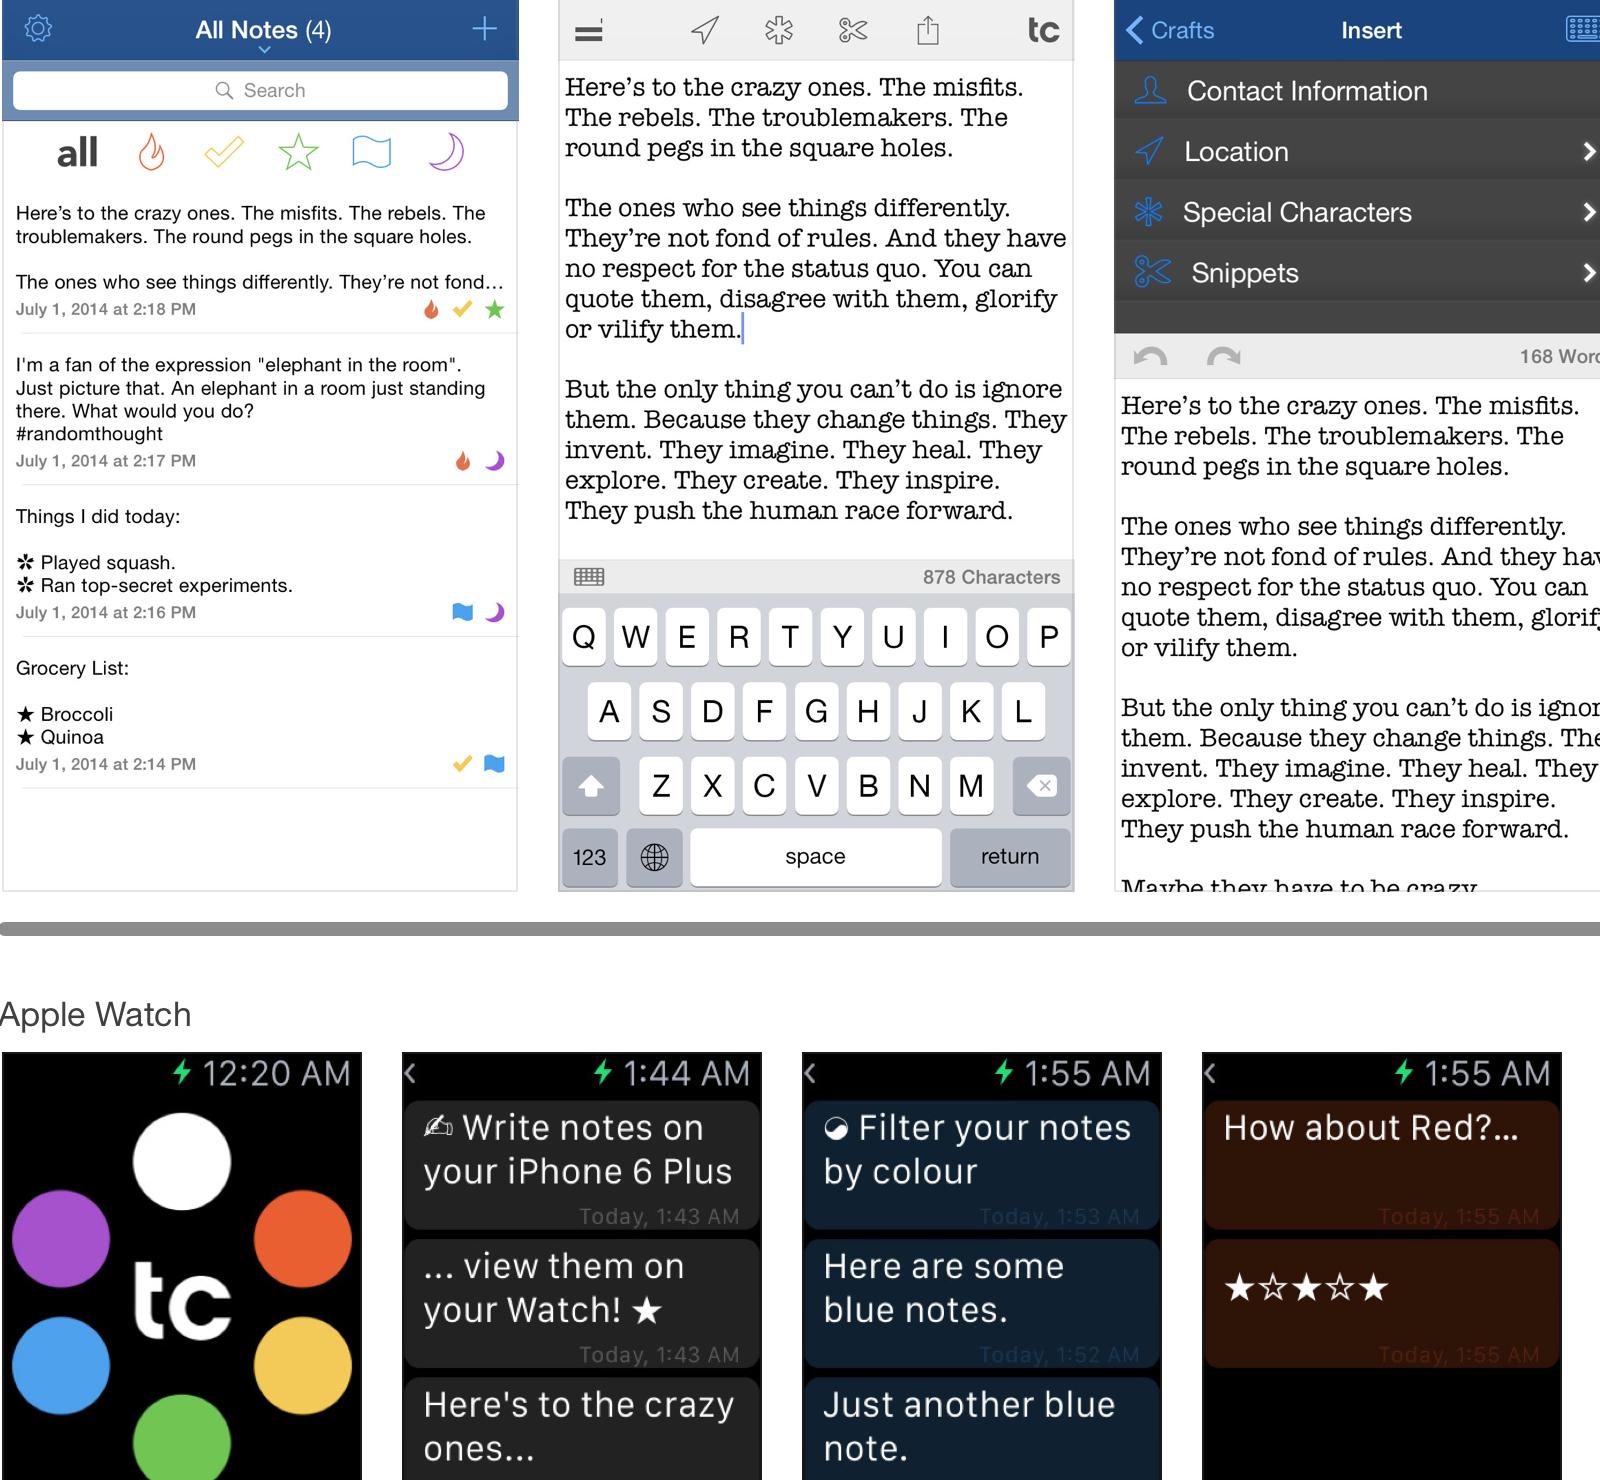 gratis per poche ore app da 5 utile e bella per iphone ipad e anche apple watch apple caff. Black Bedroom Furniture Sets. Home Design Ideas